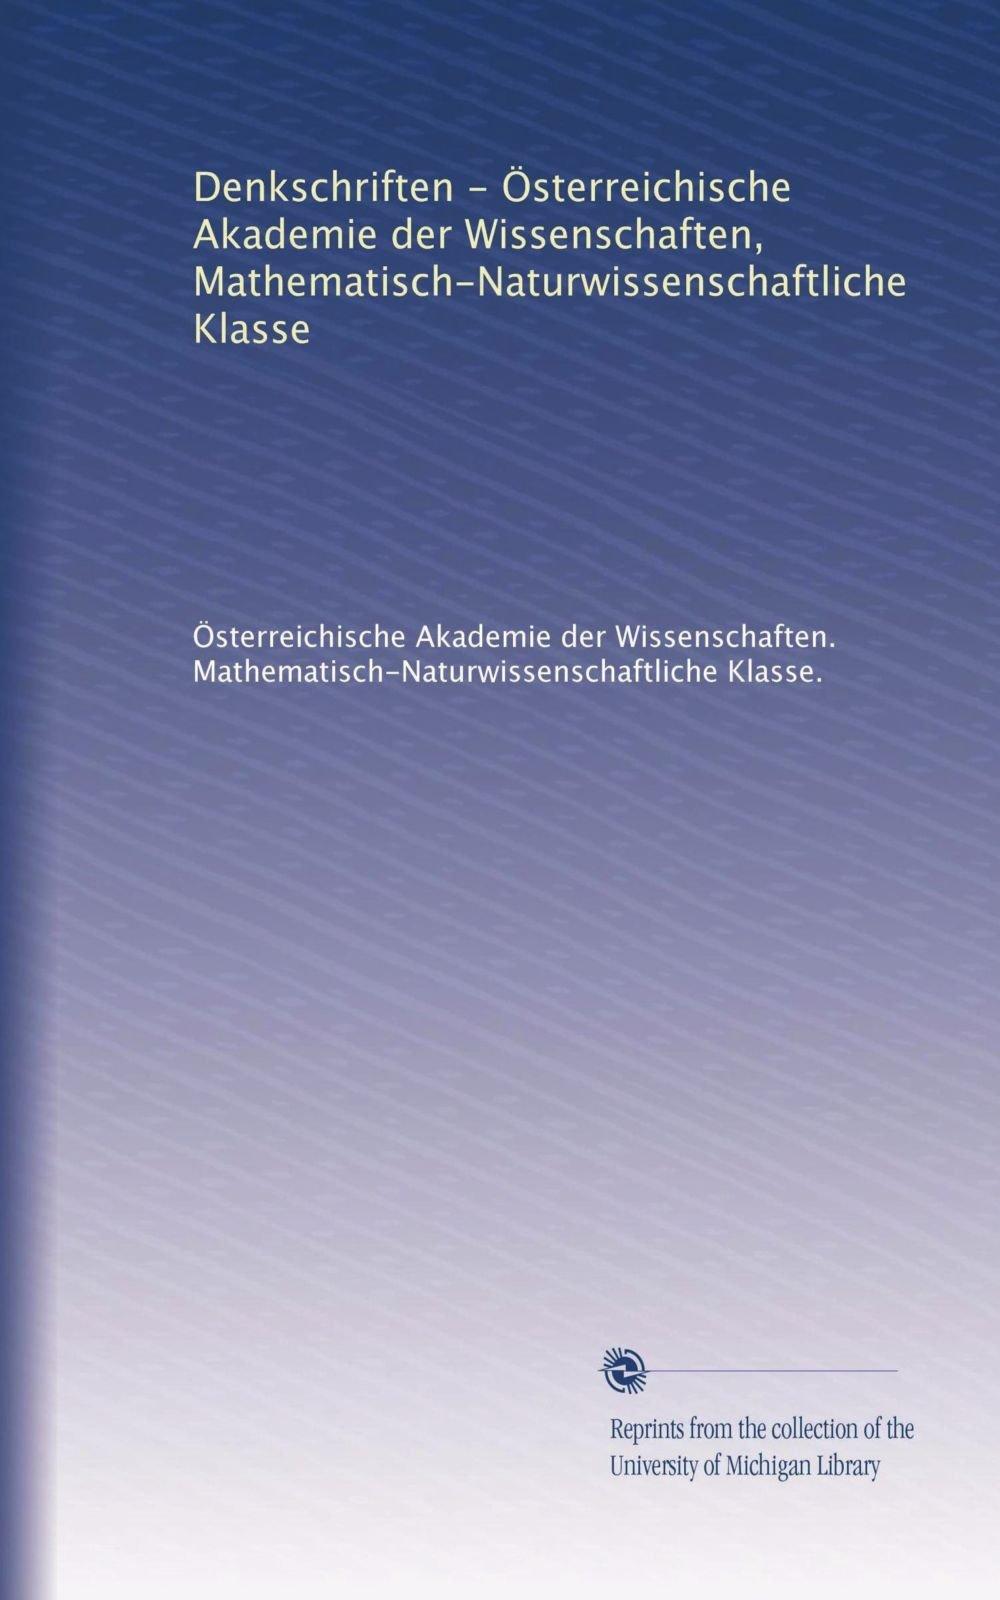 Read Online Denkschriften - Österreichische Akademie der Wissenschaften, Mathematisch-Naturwissenschaftliche Klasse (Volume 20) (German Edition) pdf epub